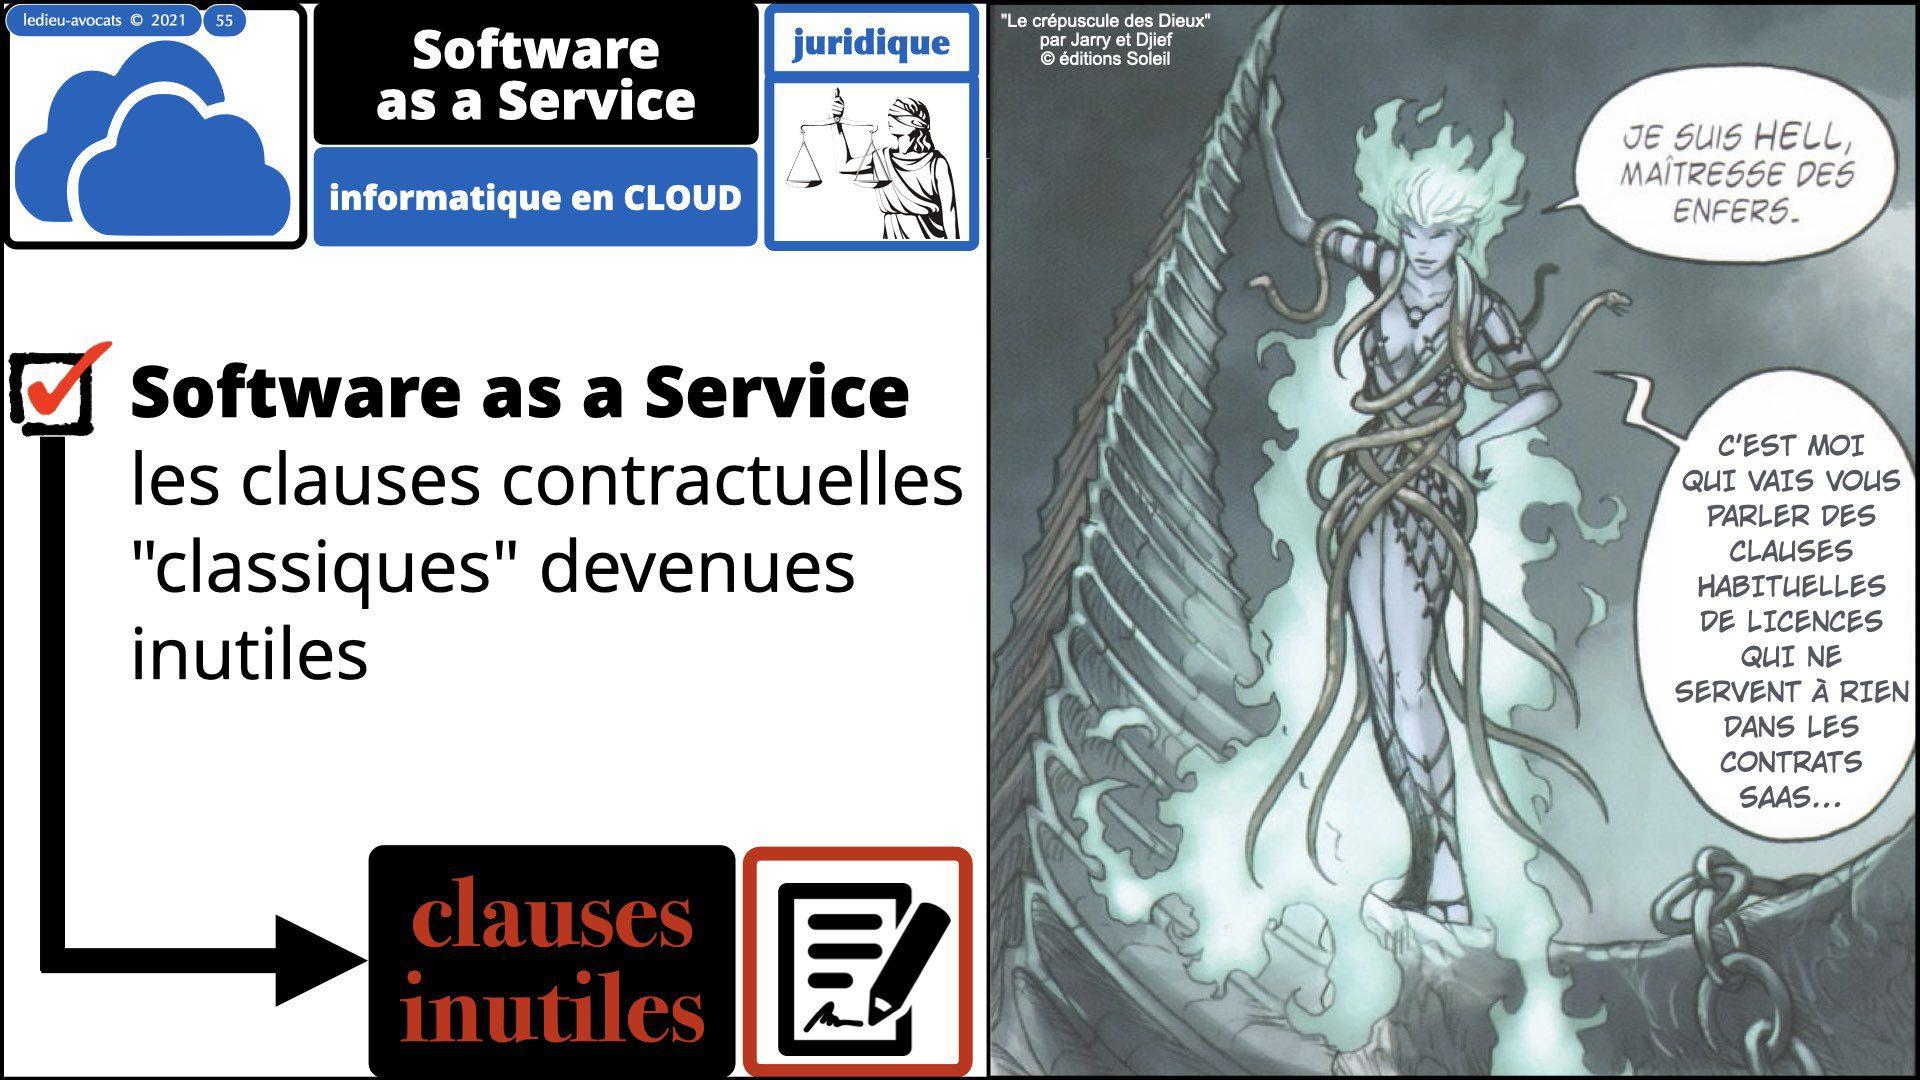 service LOGICIEL SaaS : les clauses contractuelles venues inutiles